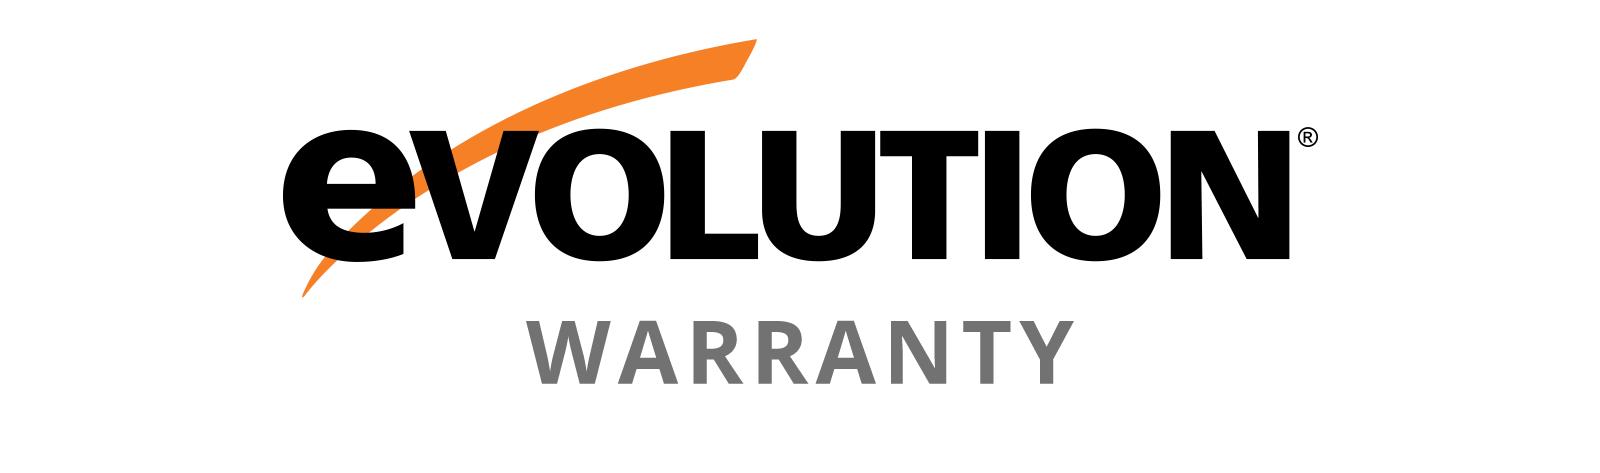 evolution-warranty.png